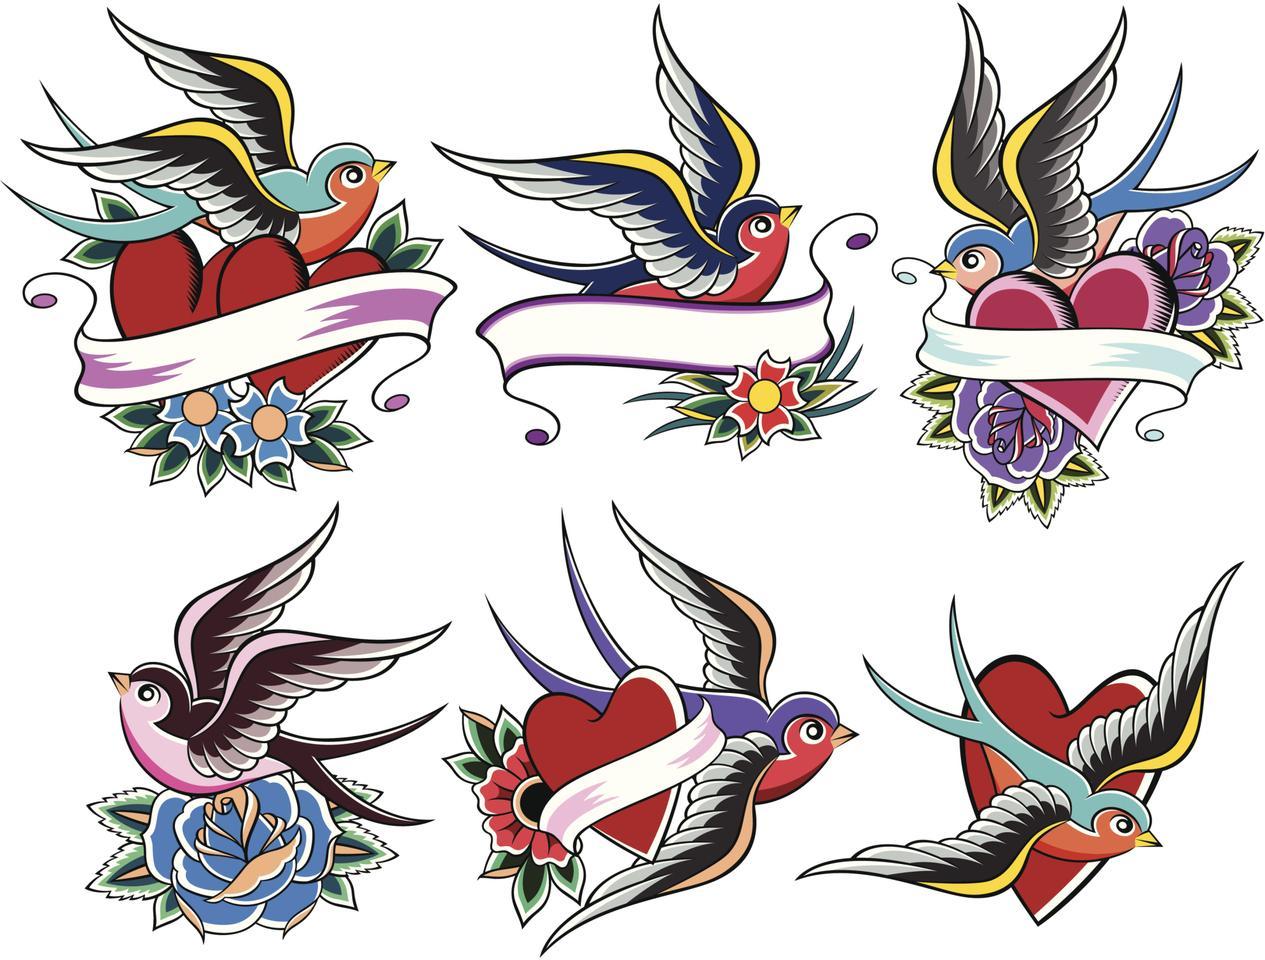 Essas tatuagens são bem comuns e diferenciadas (Foto: Divulgação)